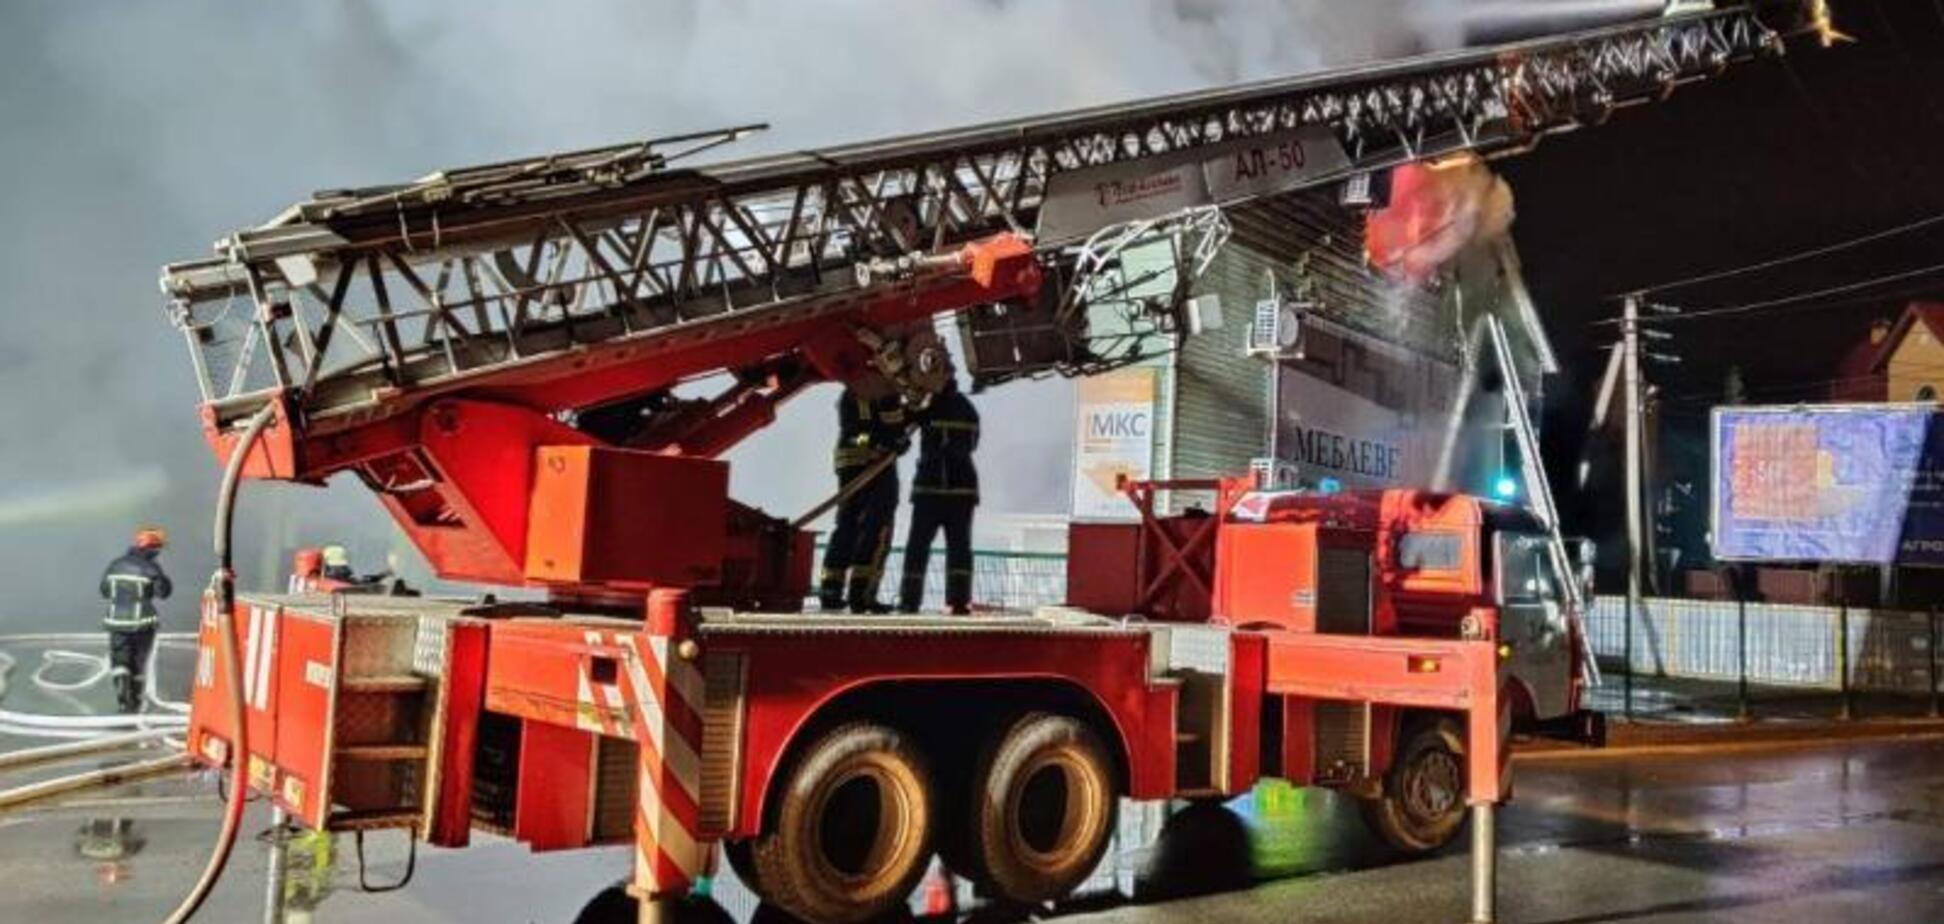 В Киеве вспыхнул масштабный пожар в торговом центре: фото и видео огненного ЧП